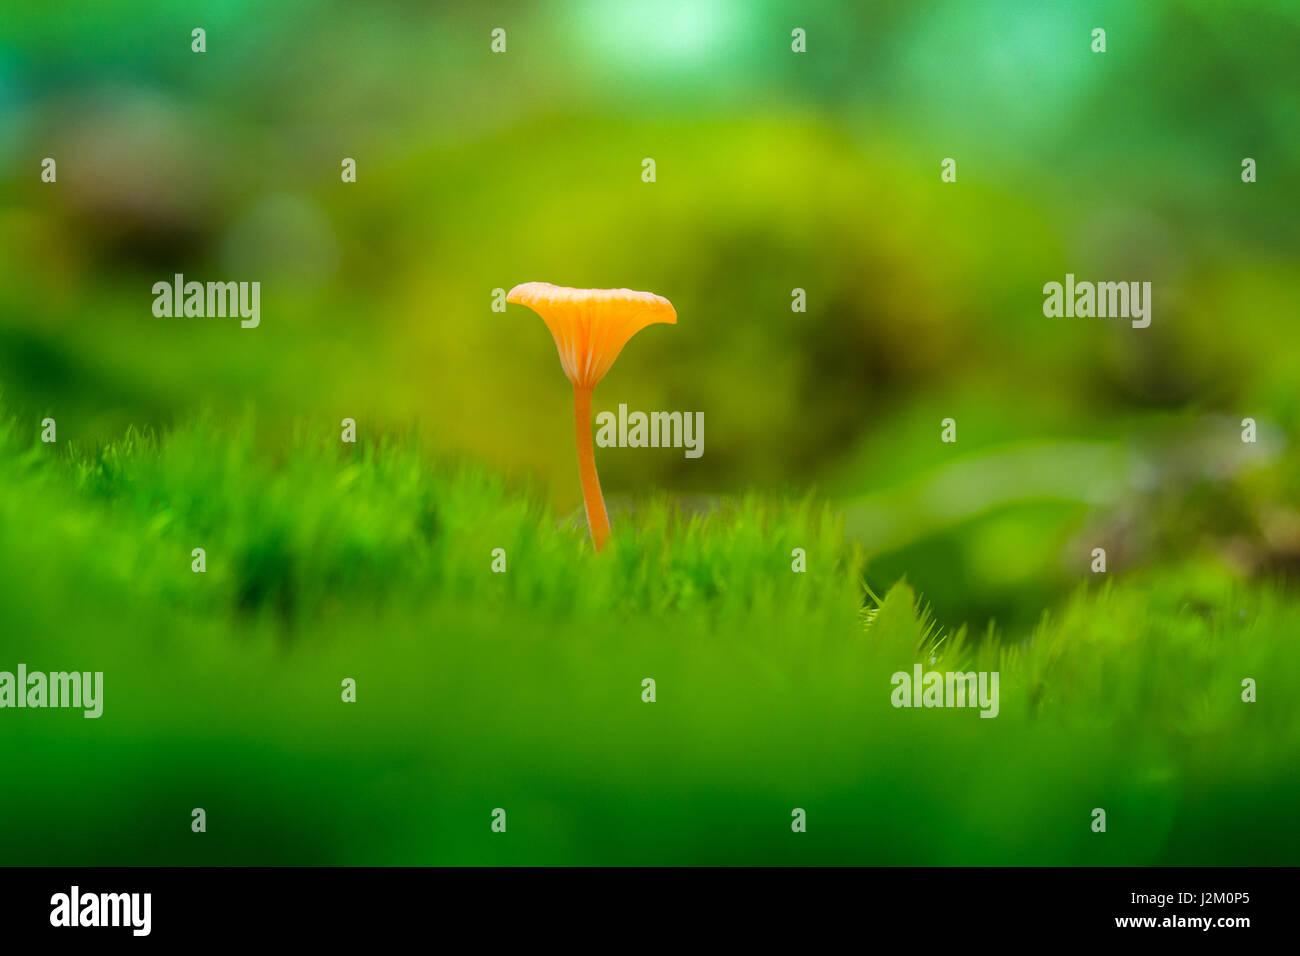 Orange Mushroom on Green Background - Stock Image